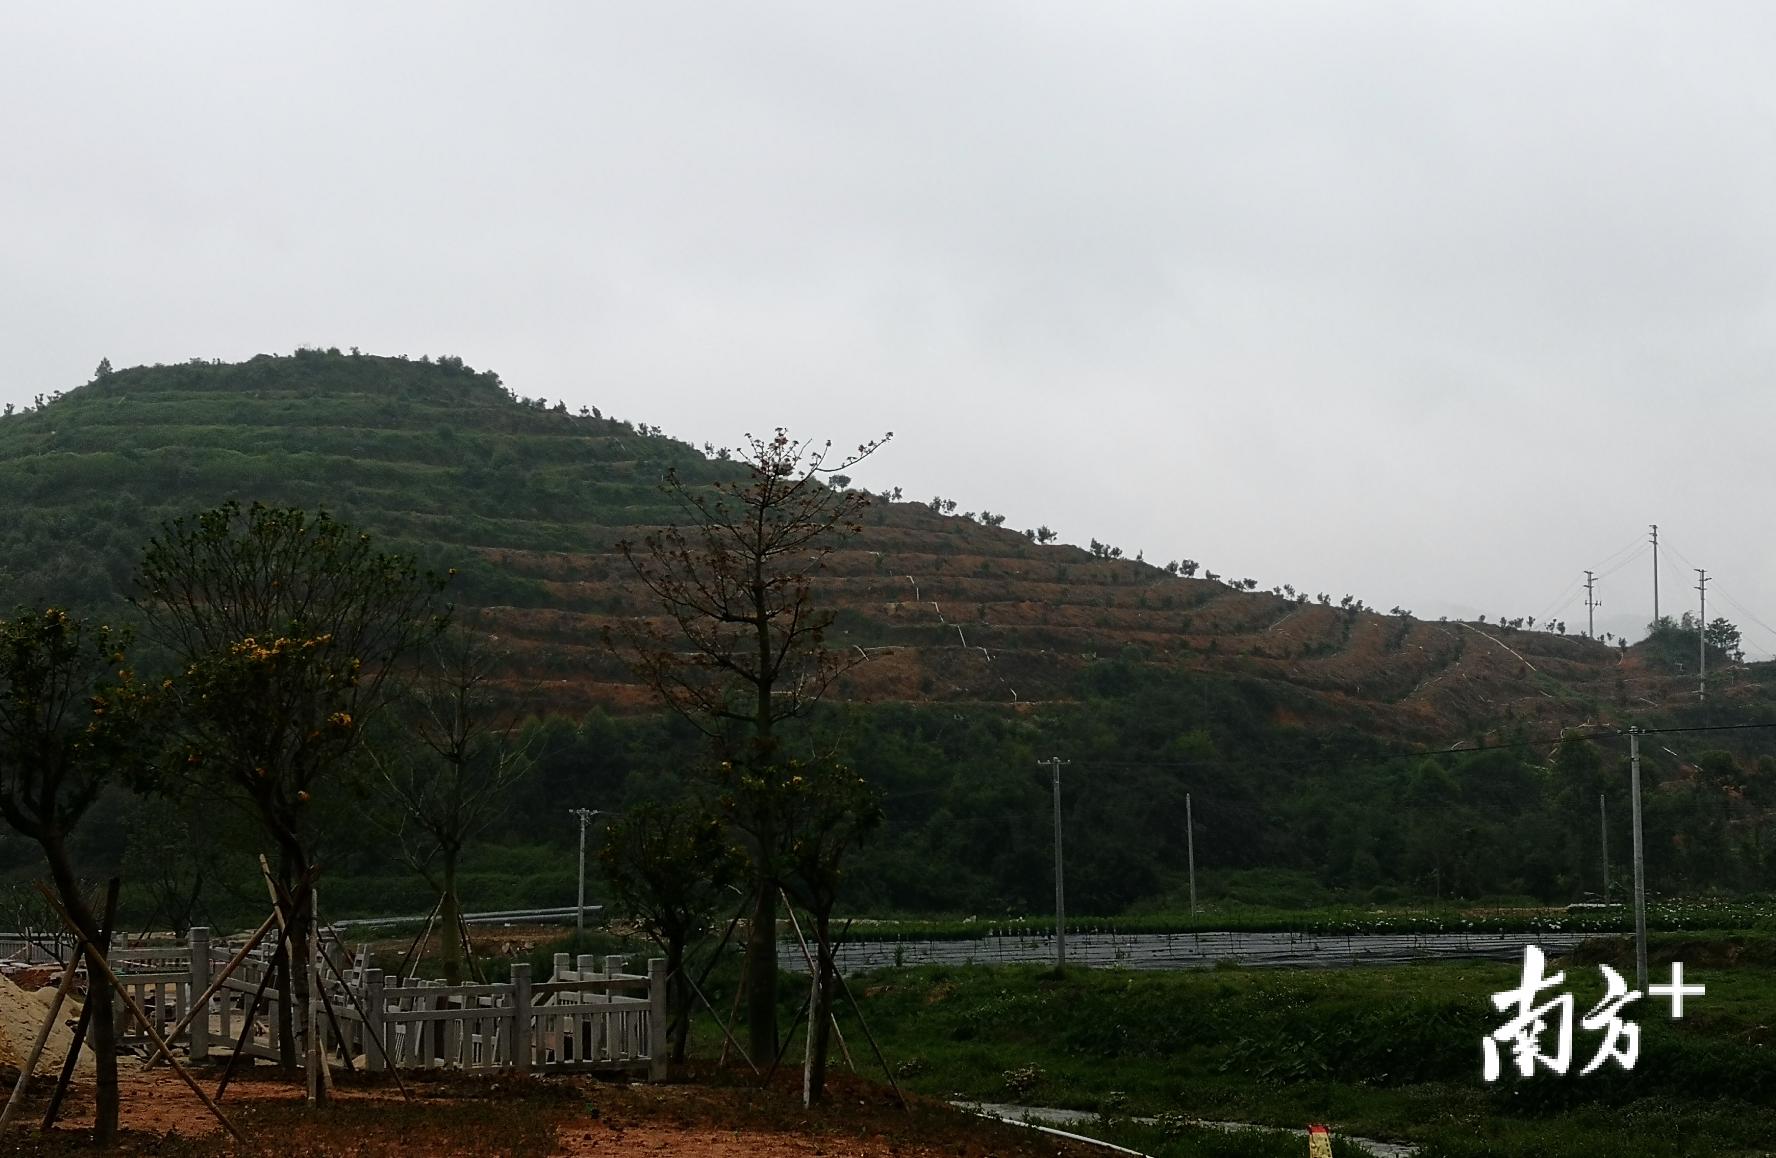 图说:远处的山坡上种上了夏威夷果树,近处的环村道路正在施工。大布村马上要大变样了。盛正挺 摄